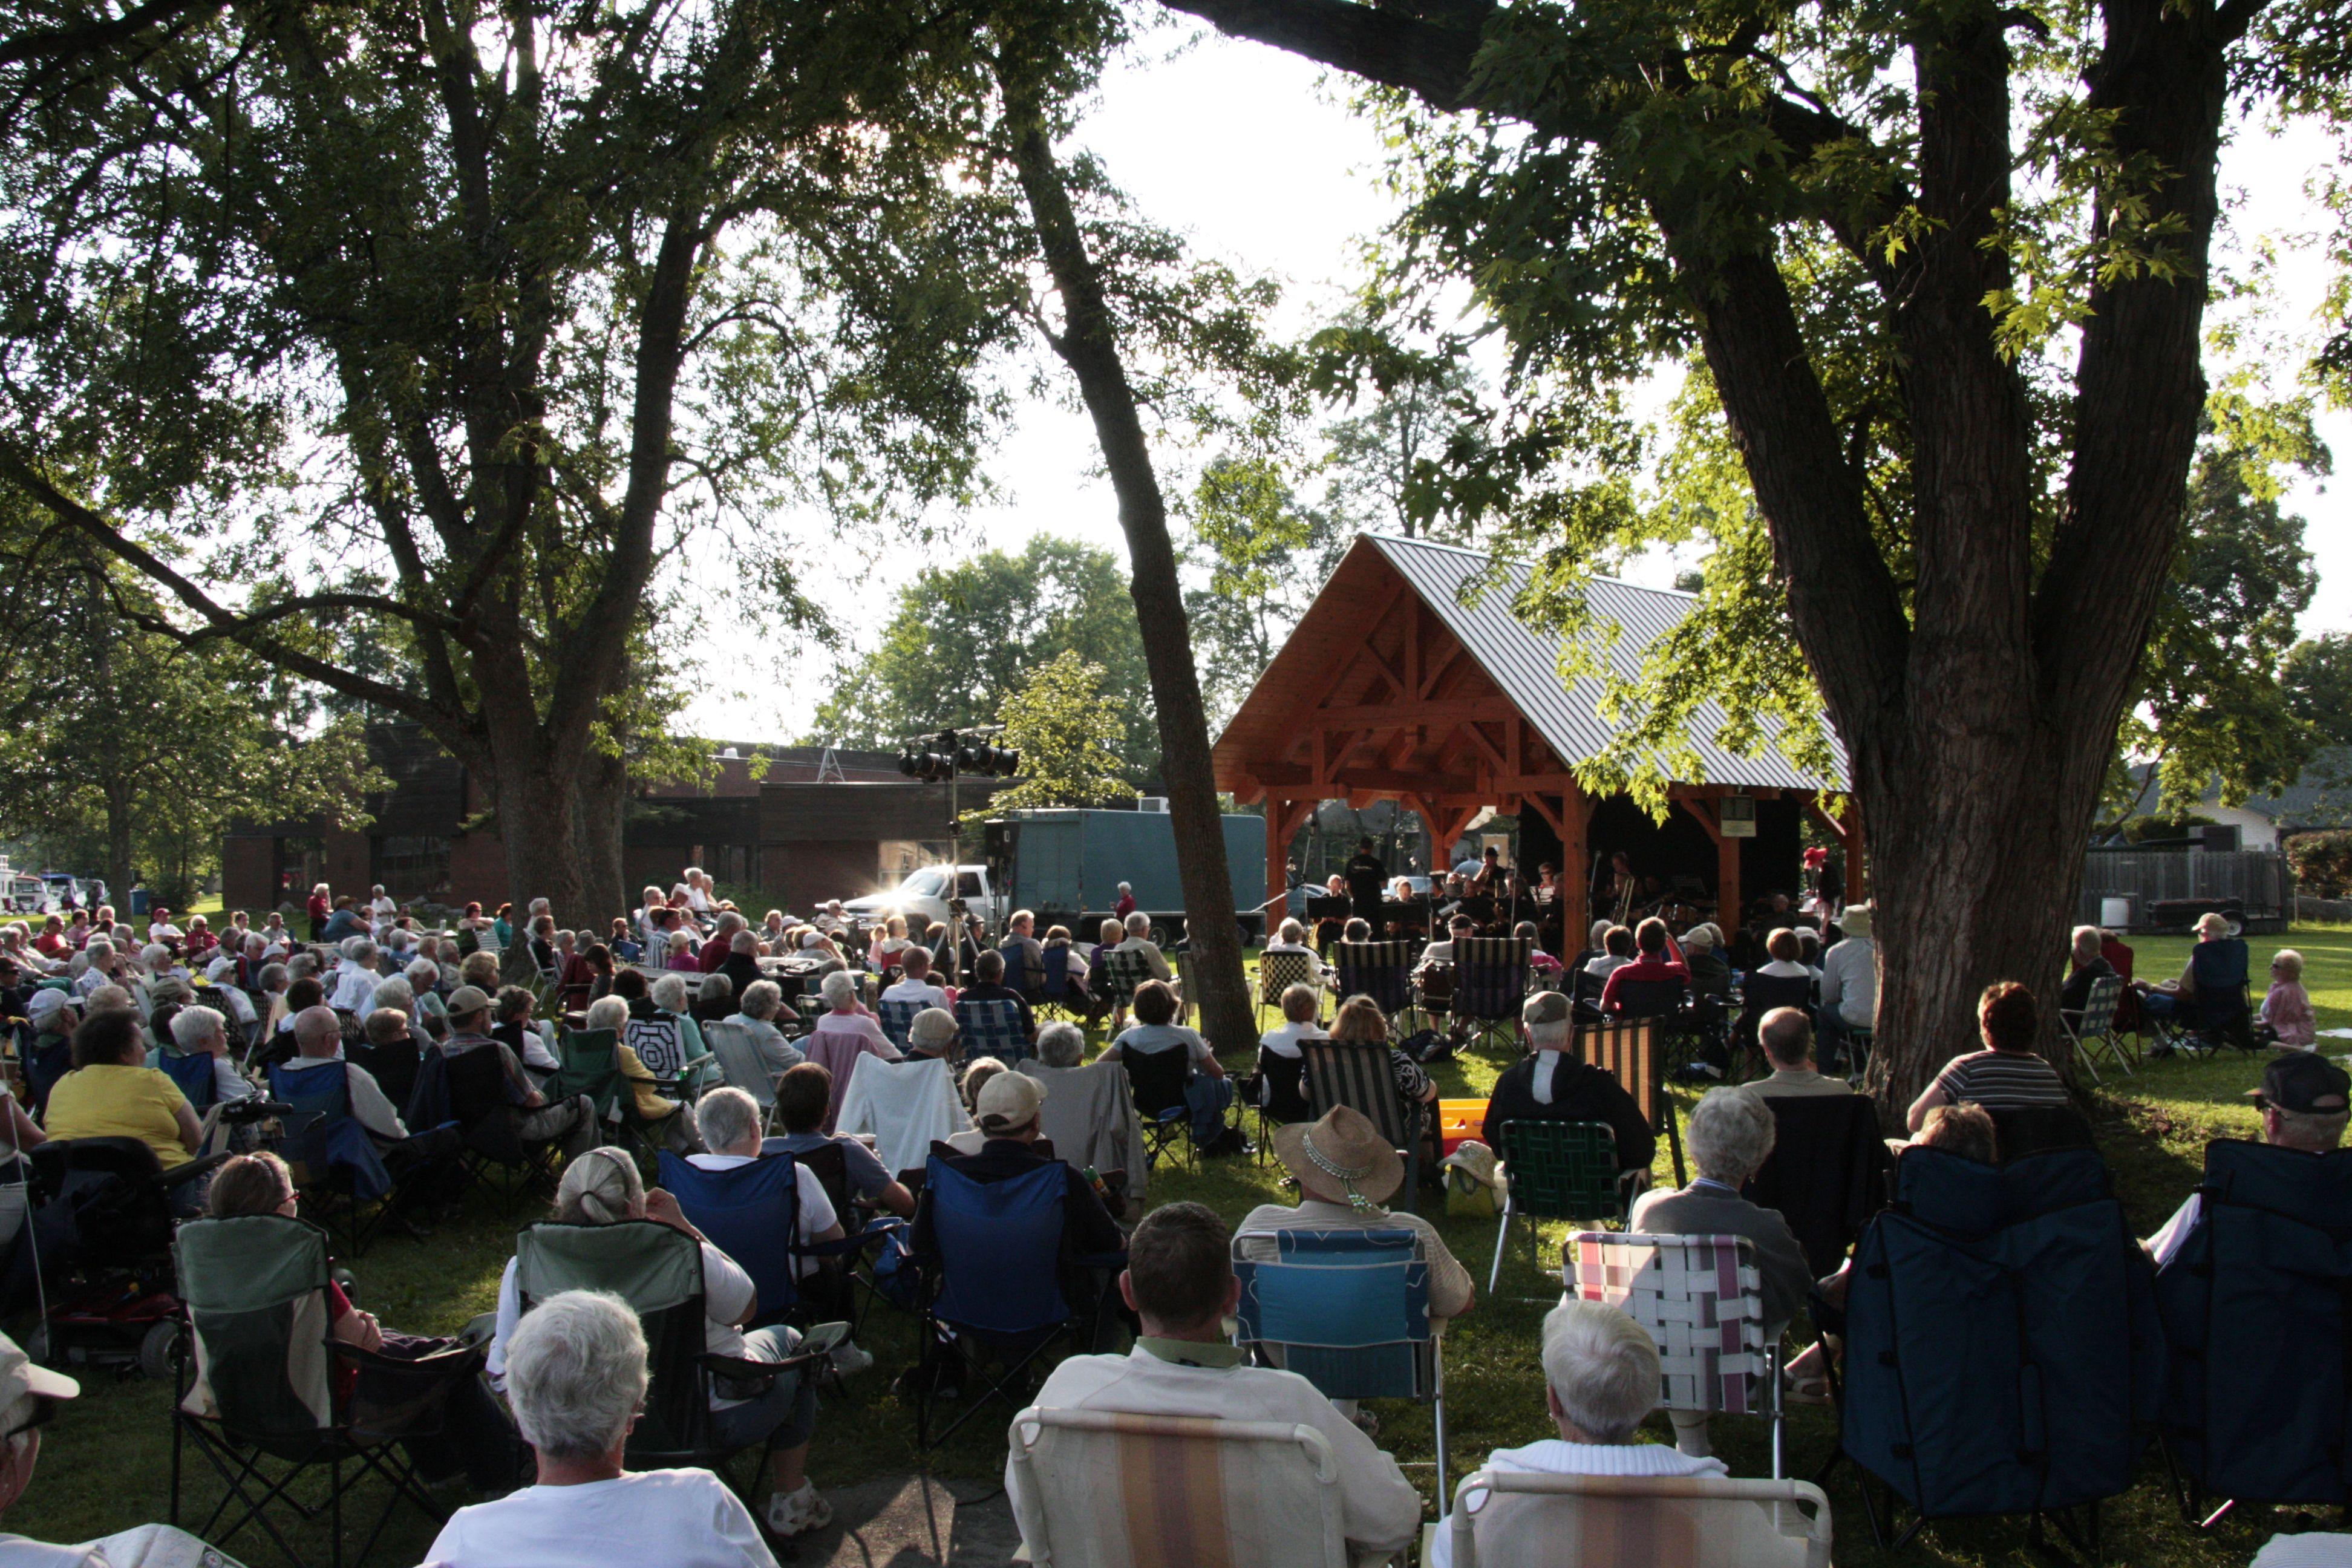 Kawartha concerts